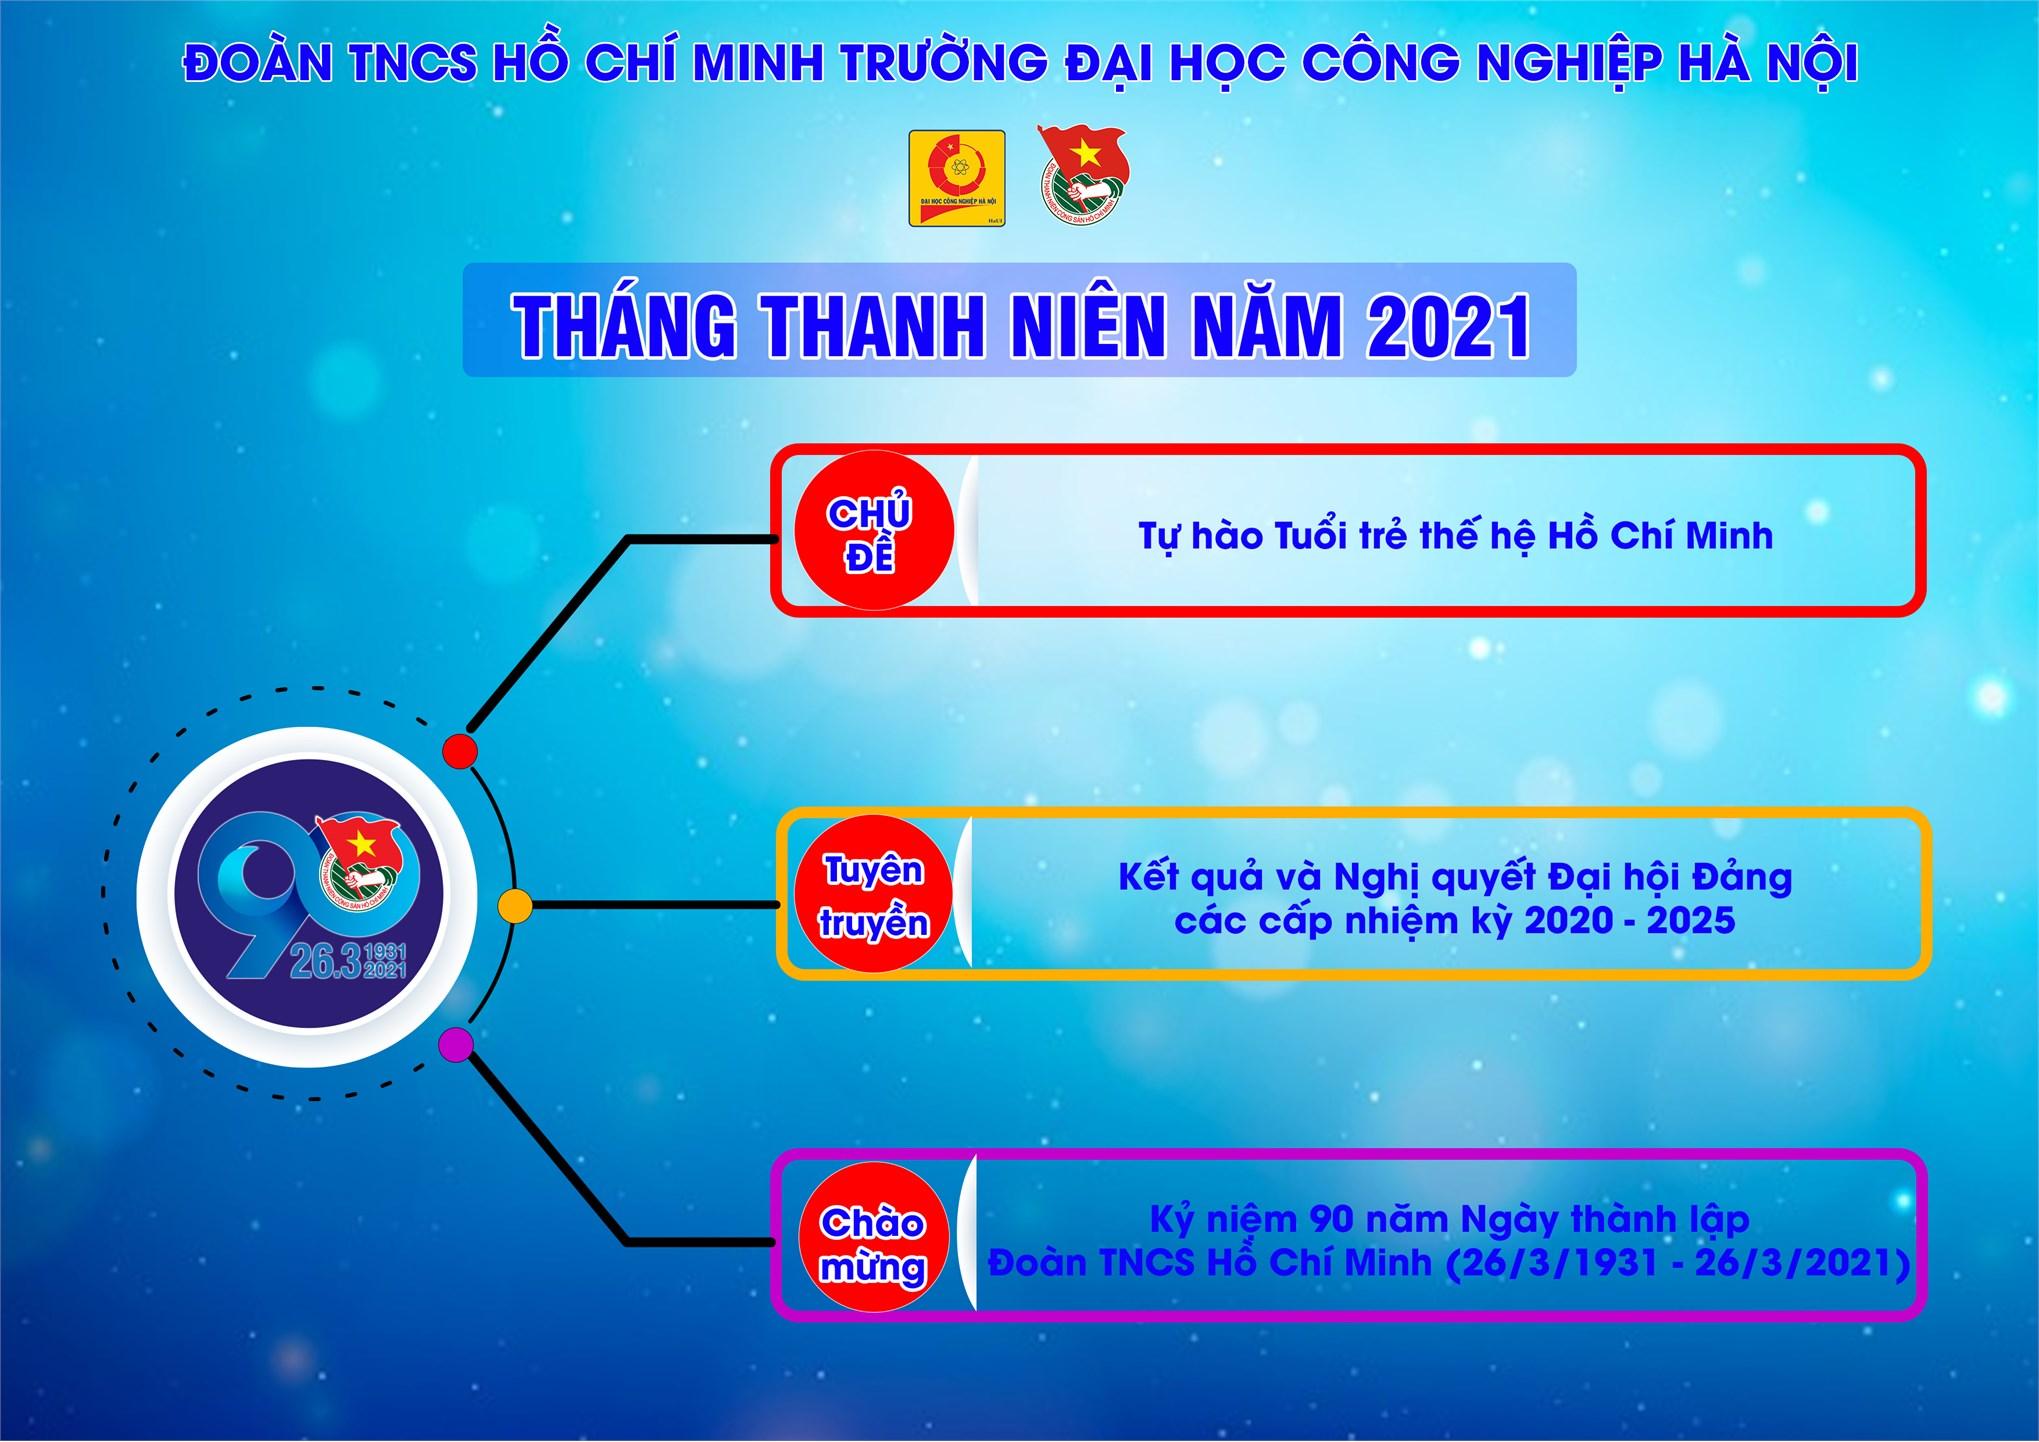 Tháng Thanh niên năm 2021: Tự hào Thanh niên thế hệ Hồ Chí Minh